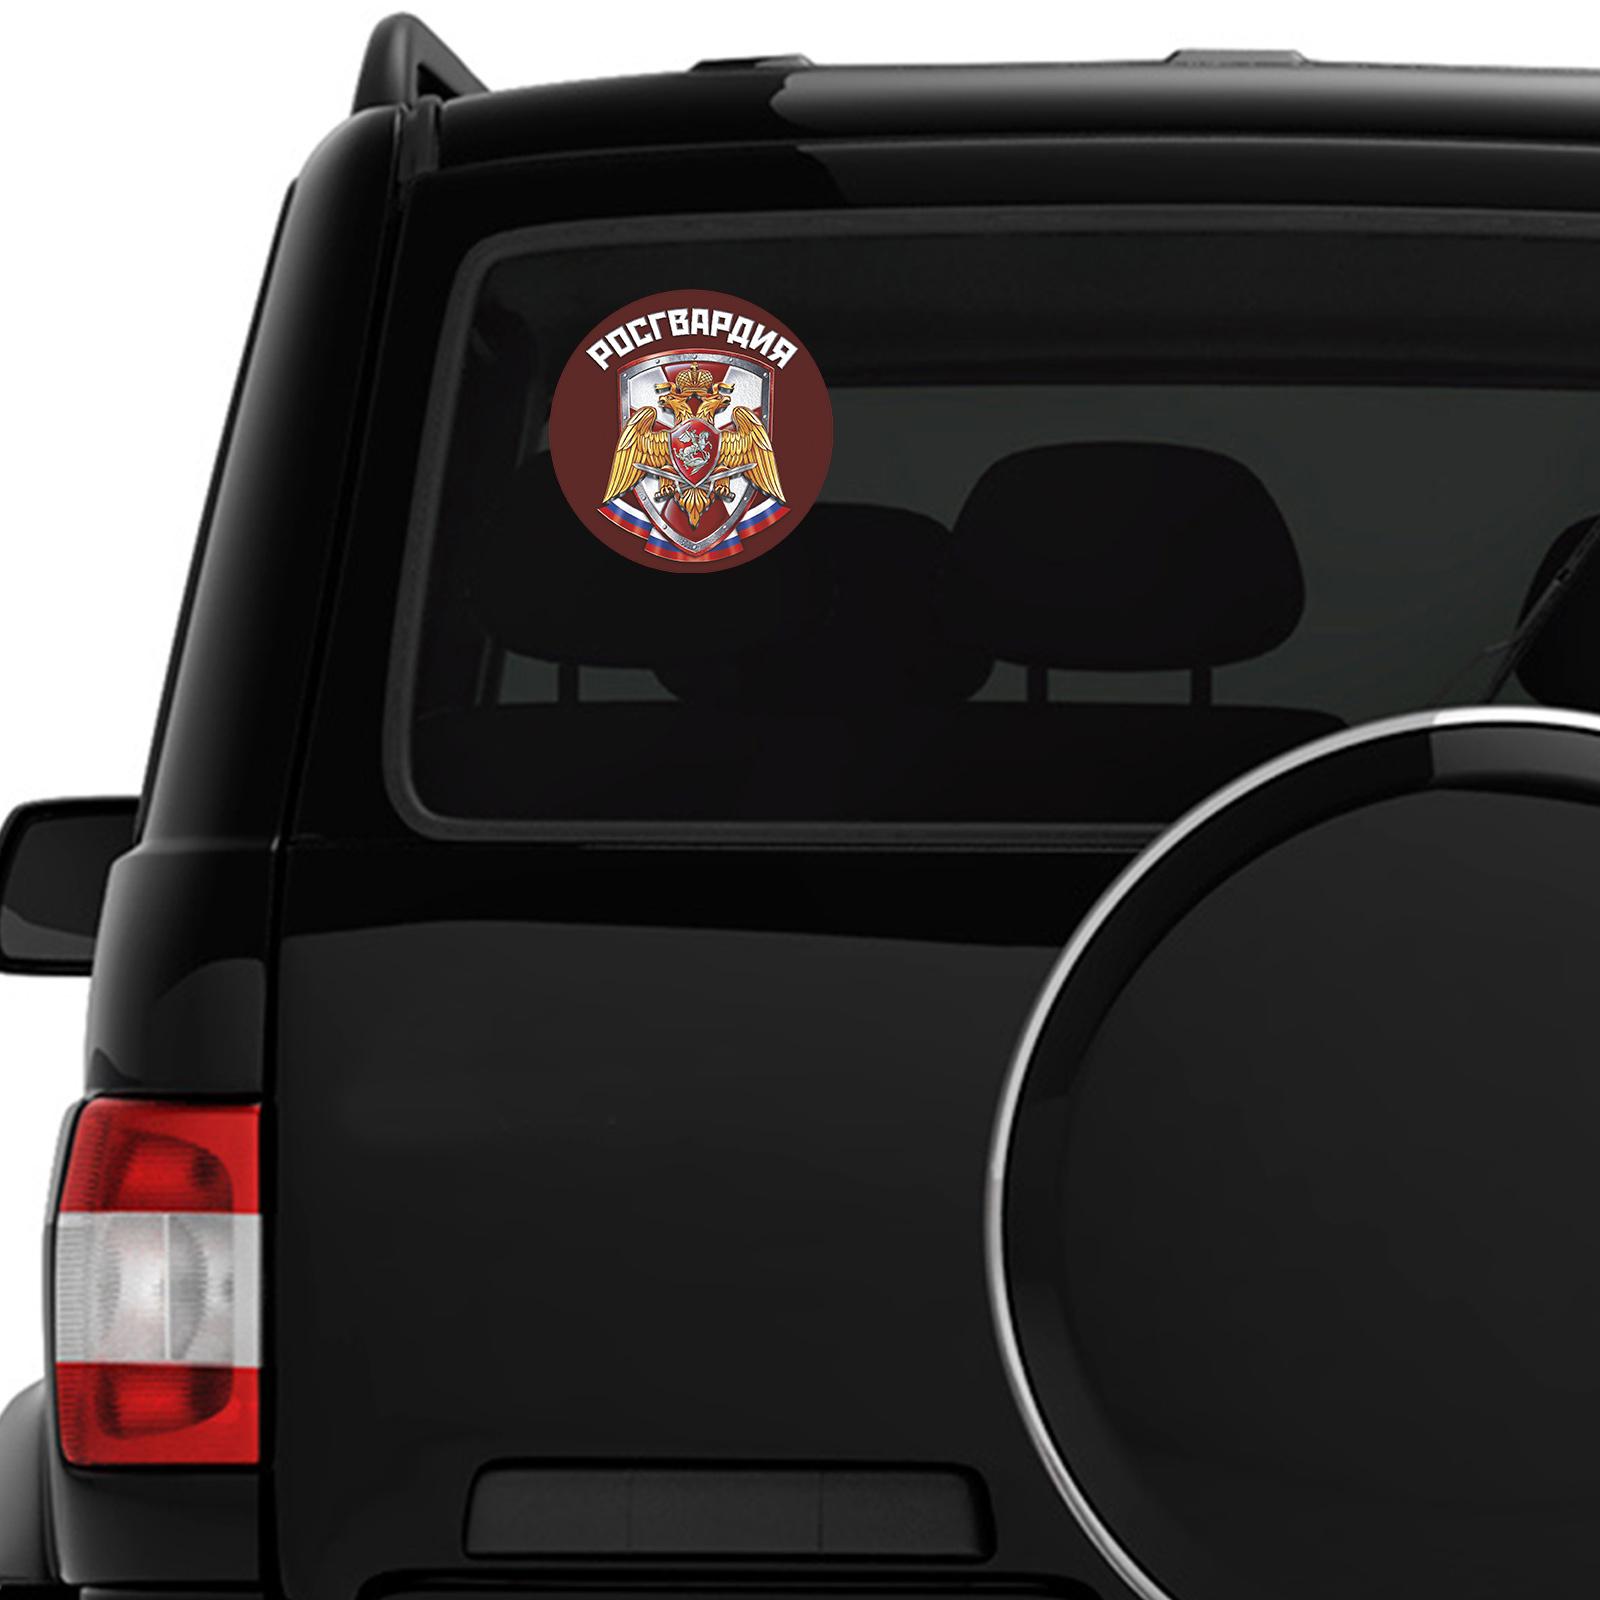 Автомобильная наклейка с символикой Росгвардии - недорого